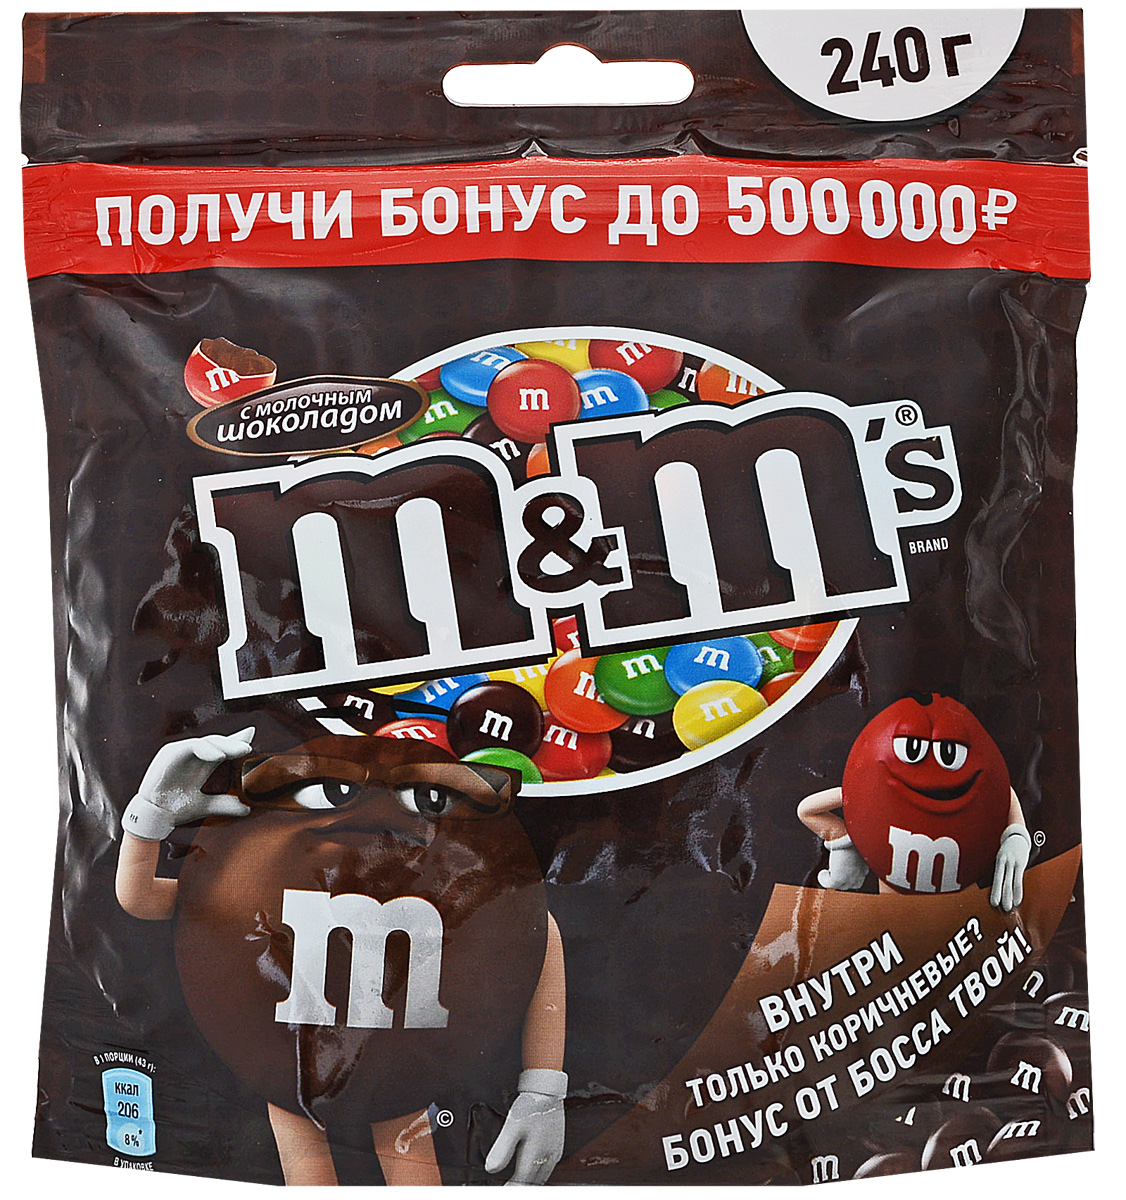 M&Ms Драже молочный шоколад, 240 г10155569Драже M&Ms с шоколадом - это больше веселых моментов для тебя и твоих друзей! Разноцветные драже можно съесть самому или разделить с друзьями. В любом случае, вкус отличного молочного шоколада подарит тебе удовольствие и радость.Уважаемые клиенты! Обращаем ваше внимание на то, что упаковка может иметь несколько видов дизайна. Поставка осуществляется в зависимости от наличия на складе.